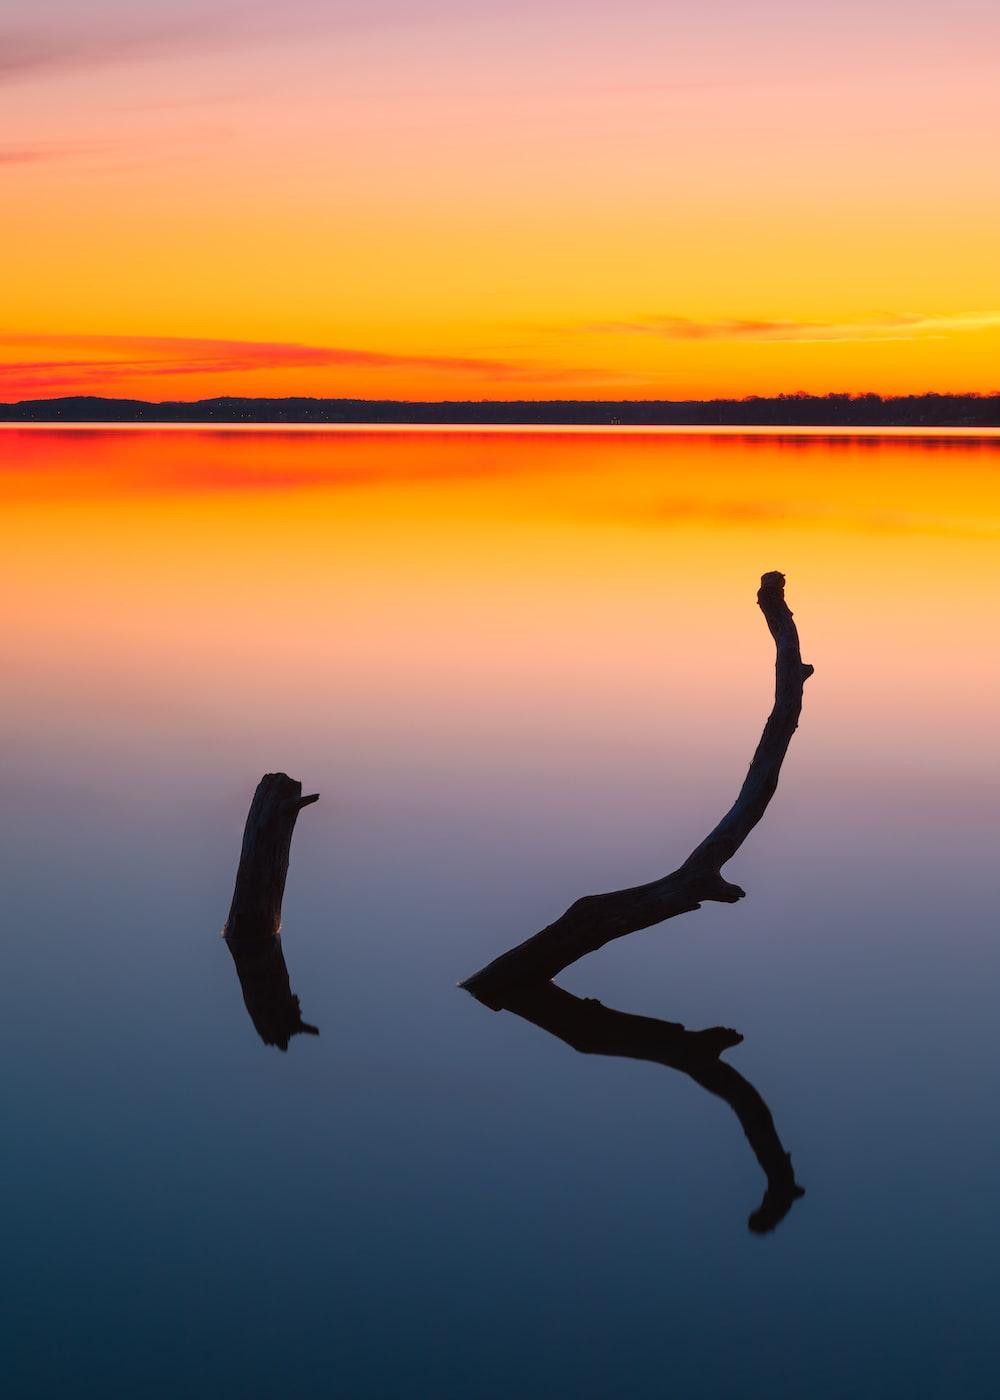 日没時に水にジャンプする人のシルエット